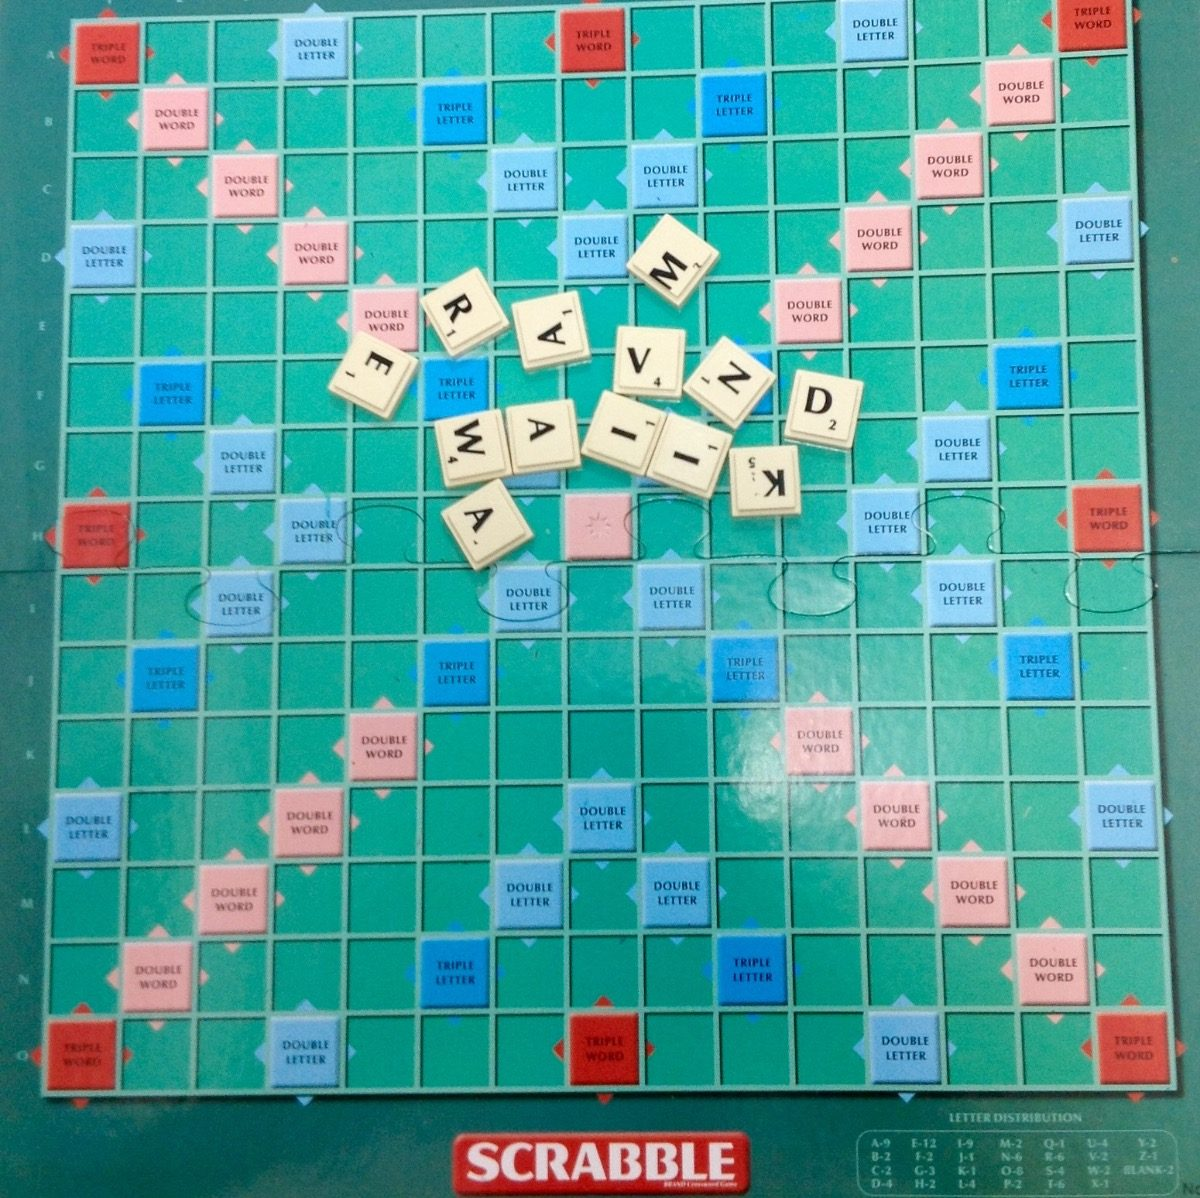 Juego De Palabras Scrabble Arme Y Cruce Las Palabra 8 Años